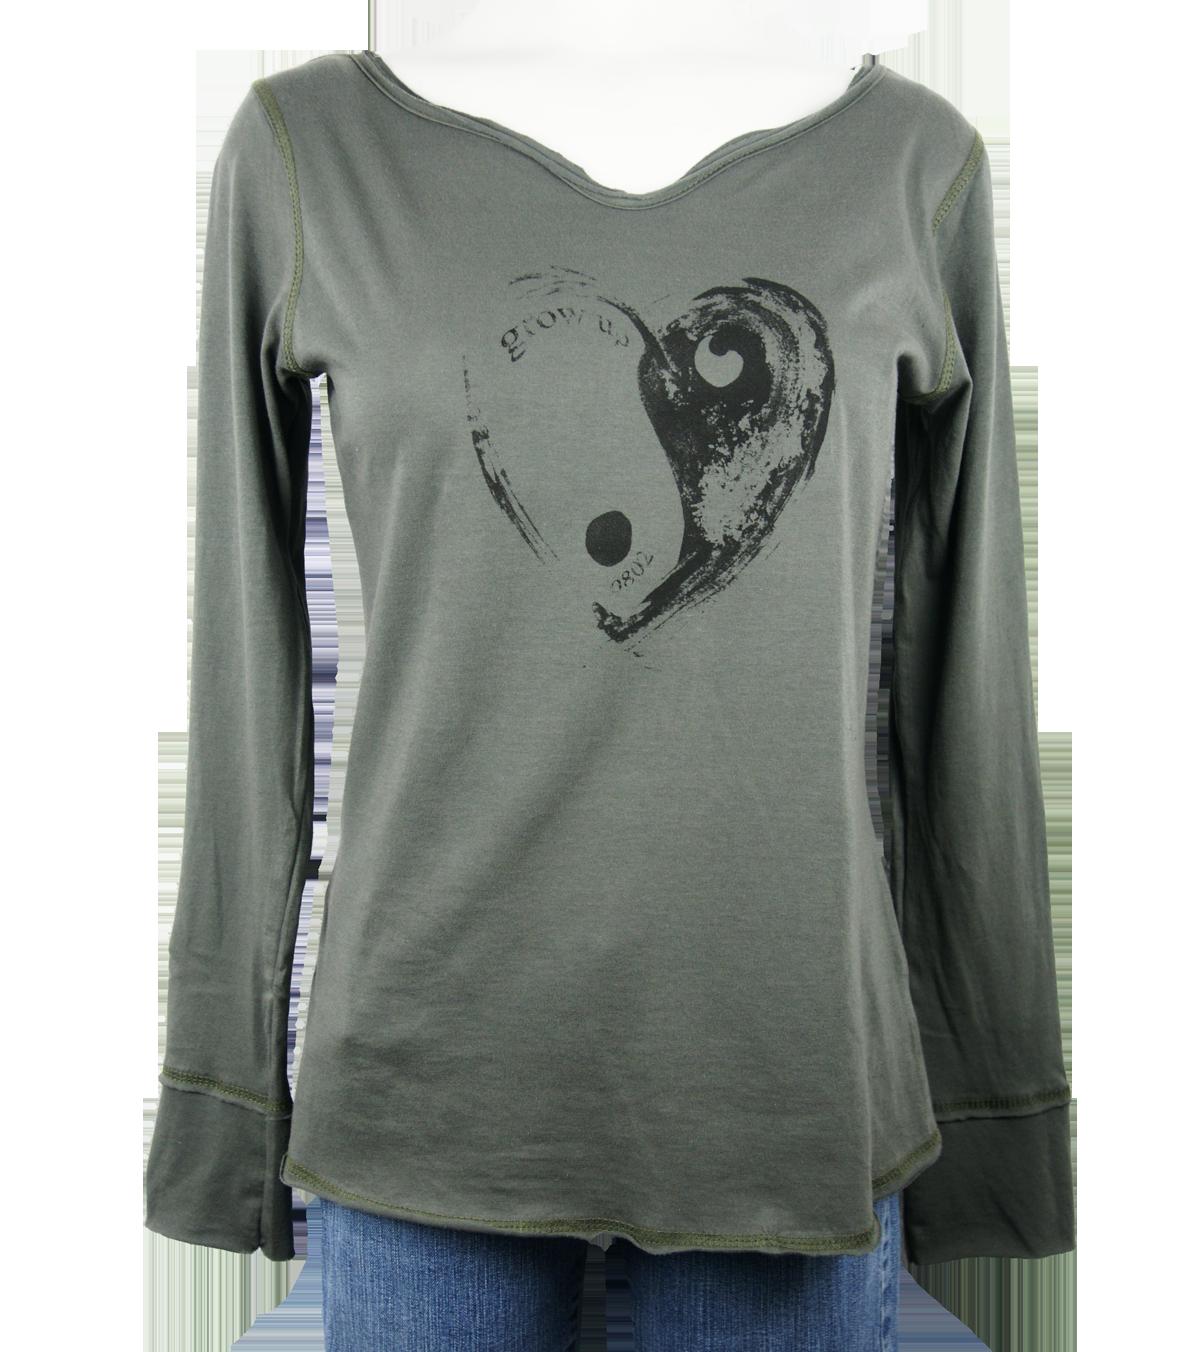 Camisetas Growpin con diseños artísticos sencillos, originales y desenfadados